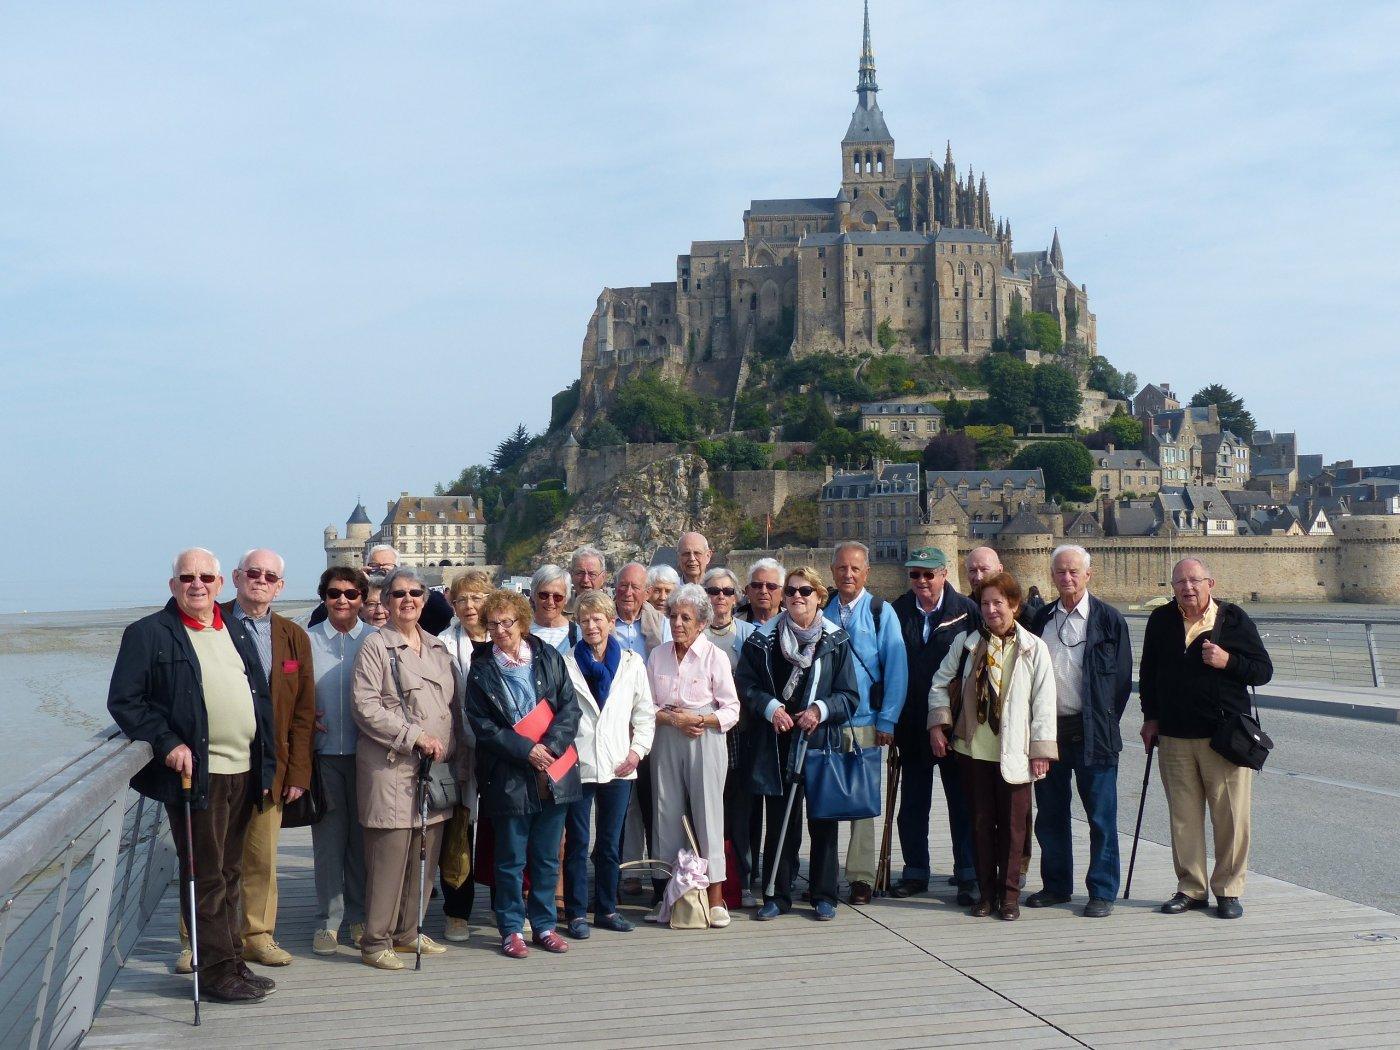 ferme-mont-saint-michel-endroit-plebiscite-par-anciens-des-grandes-ecoles-pour-des-retrouvailles-sympathiques